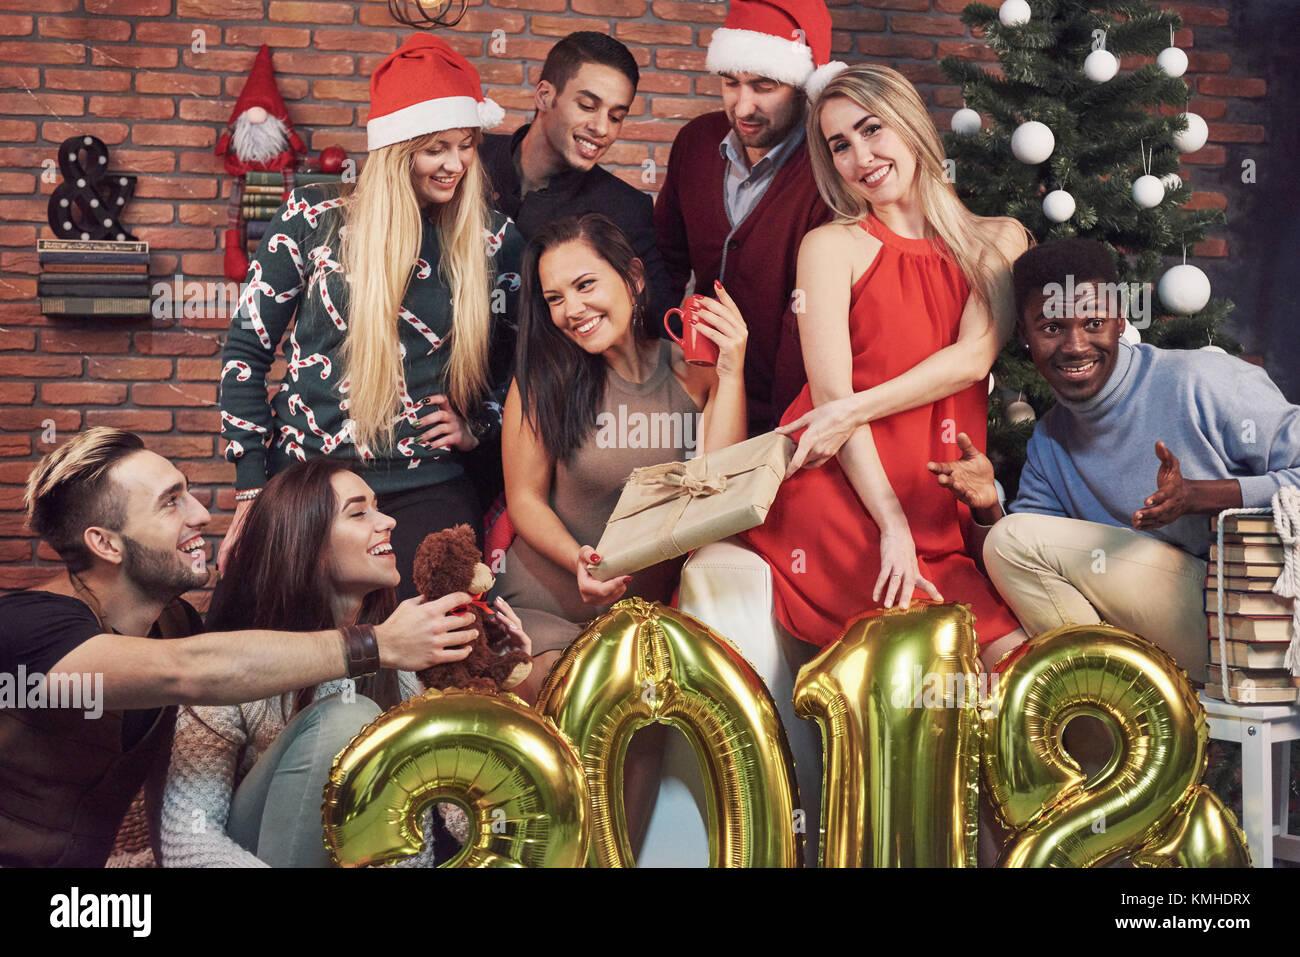 Albero Di Natale Con Foto Amici.Foto Con Gli Amici Il Gruppo Di Allegro Giovani Fare Una